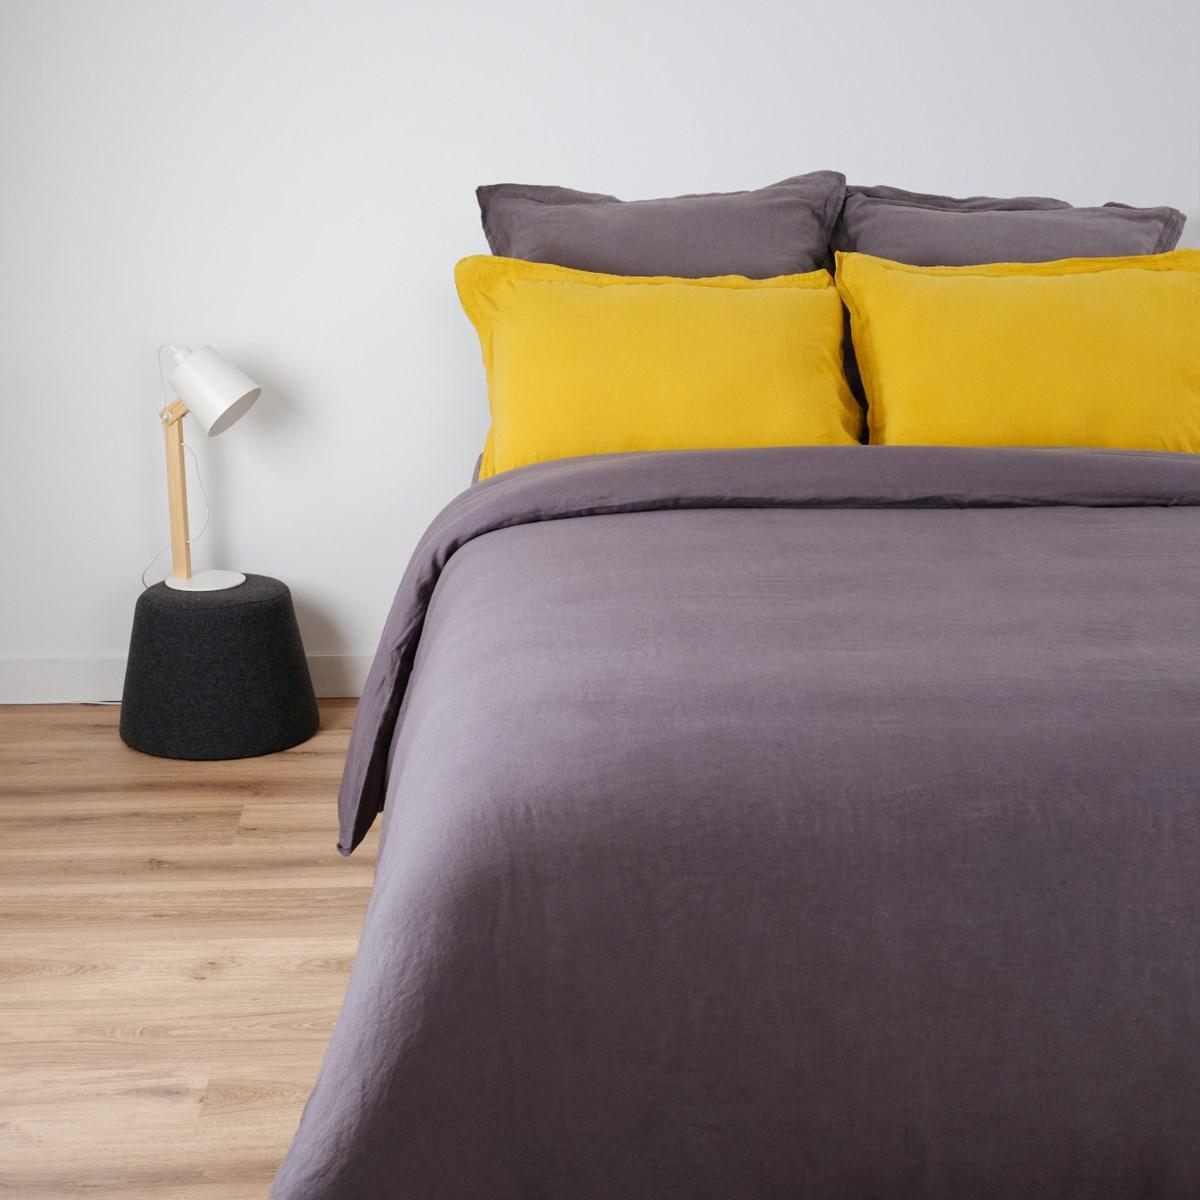 Housse de couette naturelle en lin gris foncé 240x260 cm